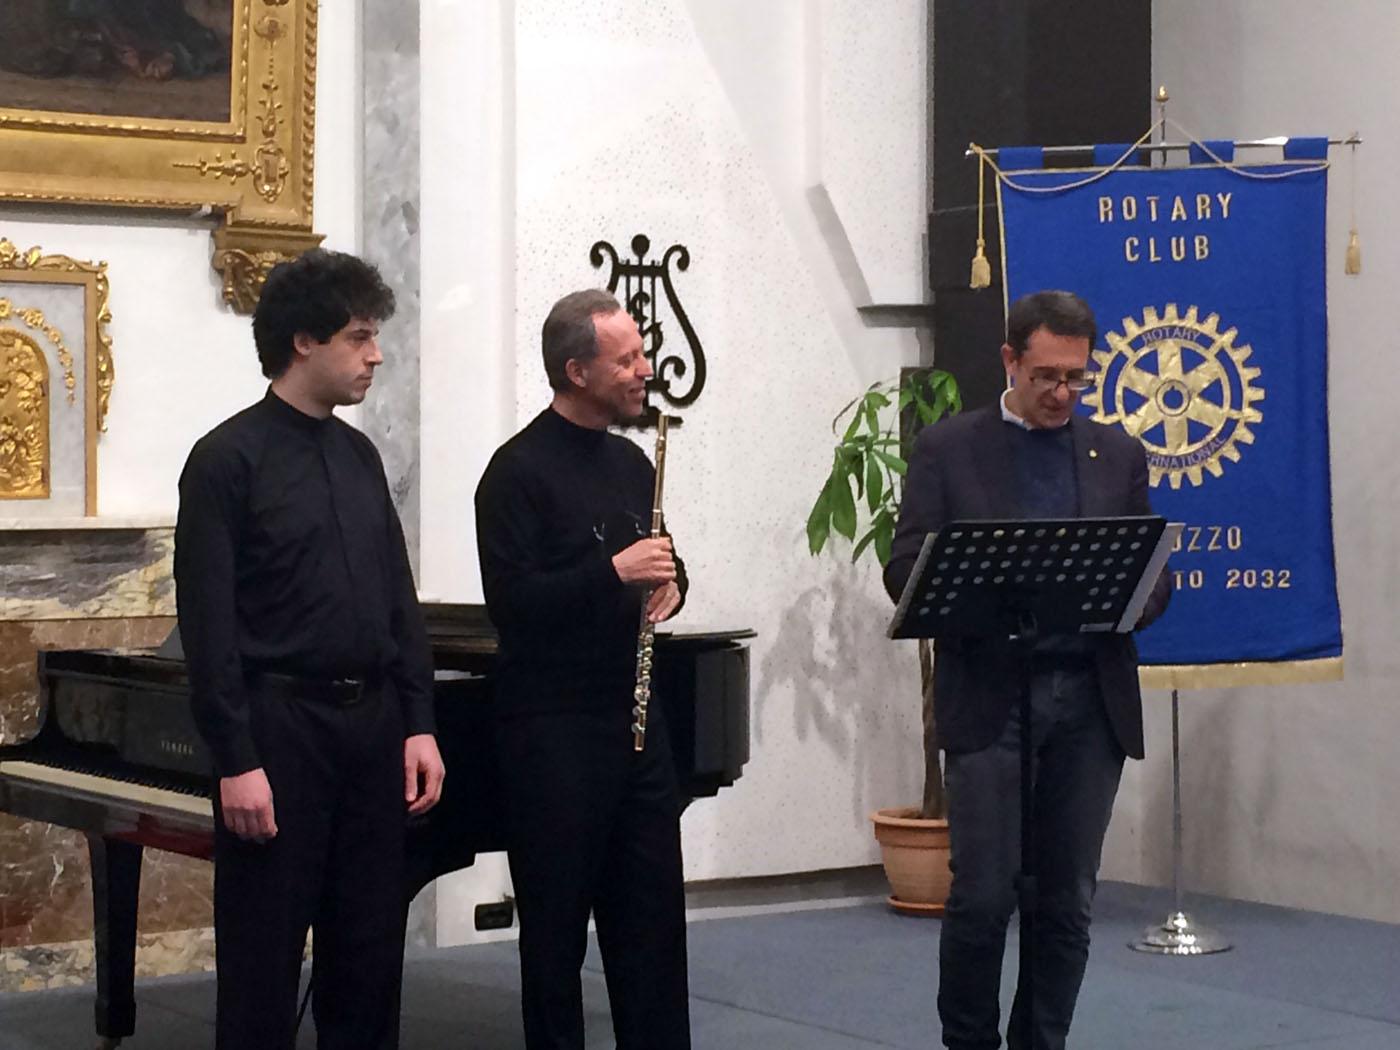 http://www.rotarysaluzzo.it/wp-content/uploads/2016/02/Duo_Flauto_Pianoforte_Rotary_Saluzzo_160213_02.jpg